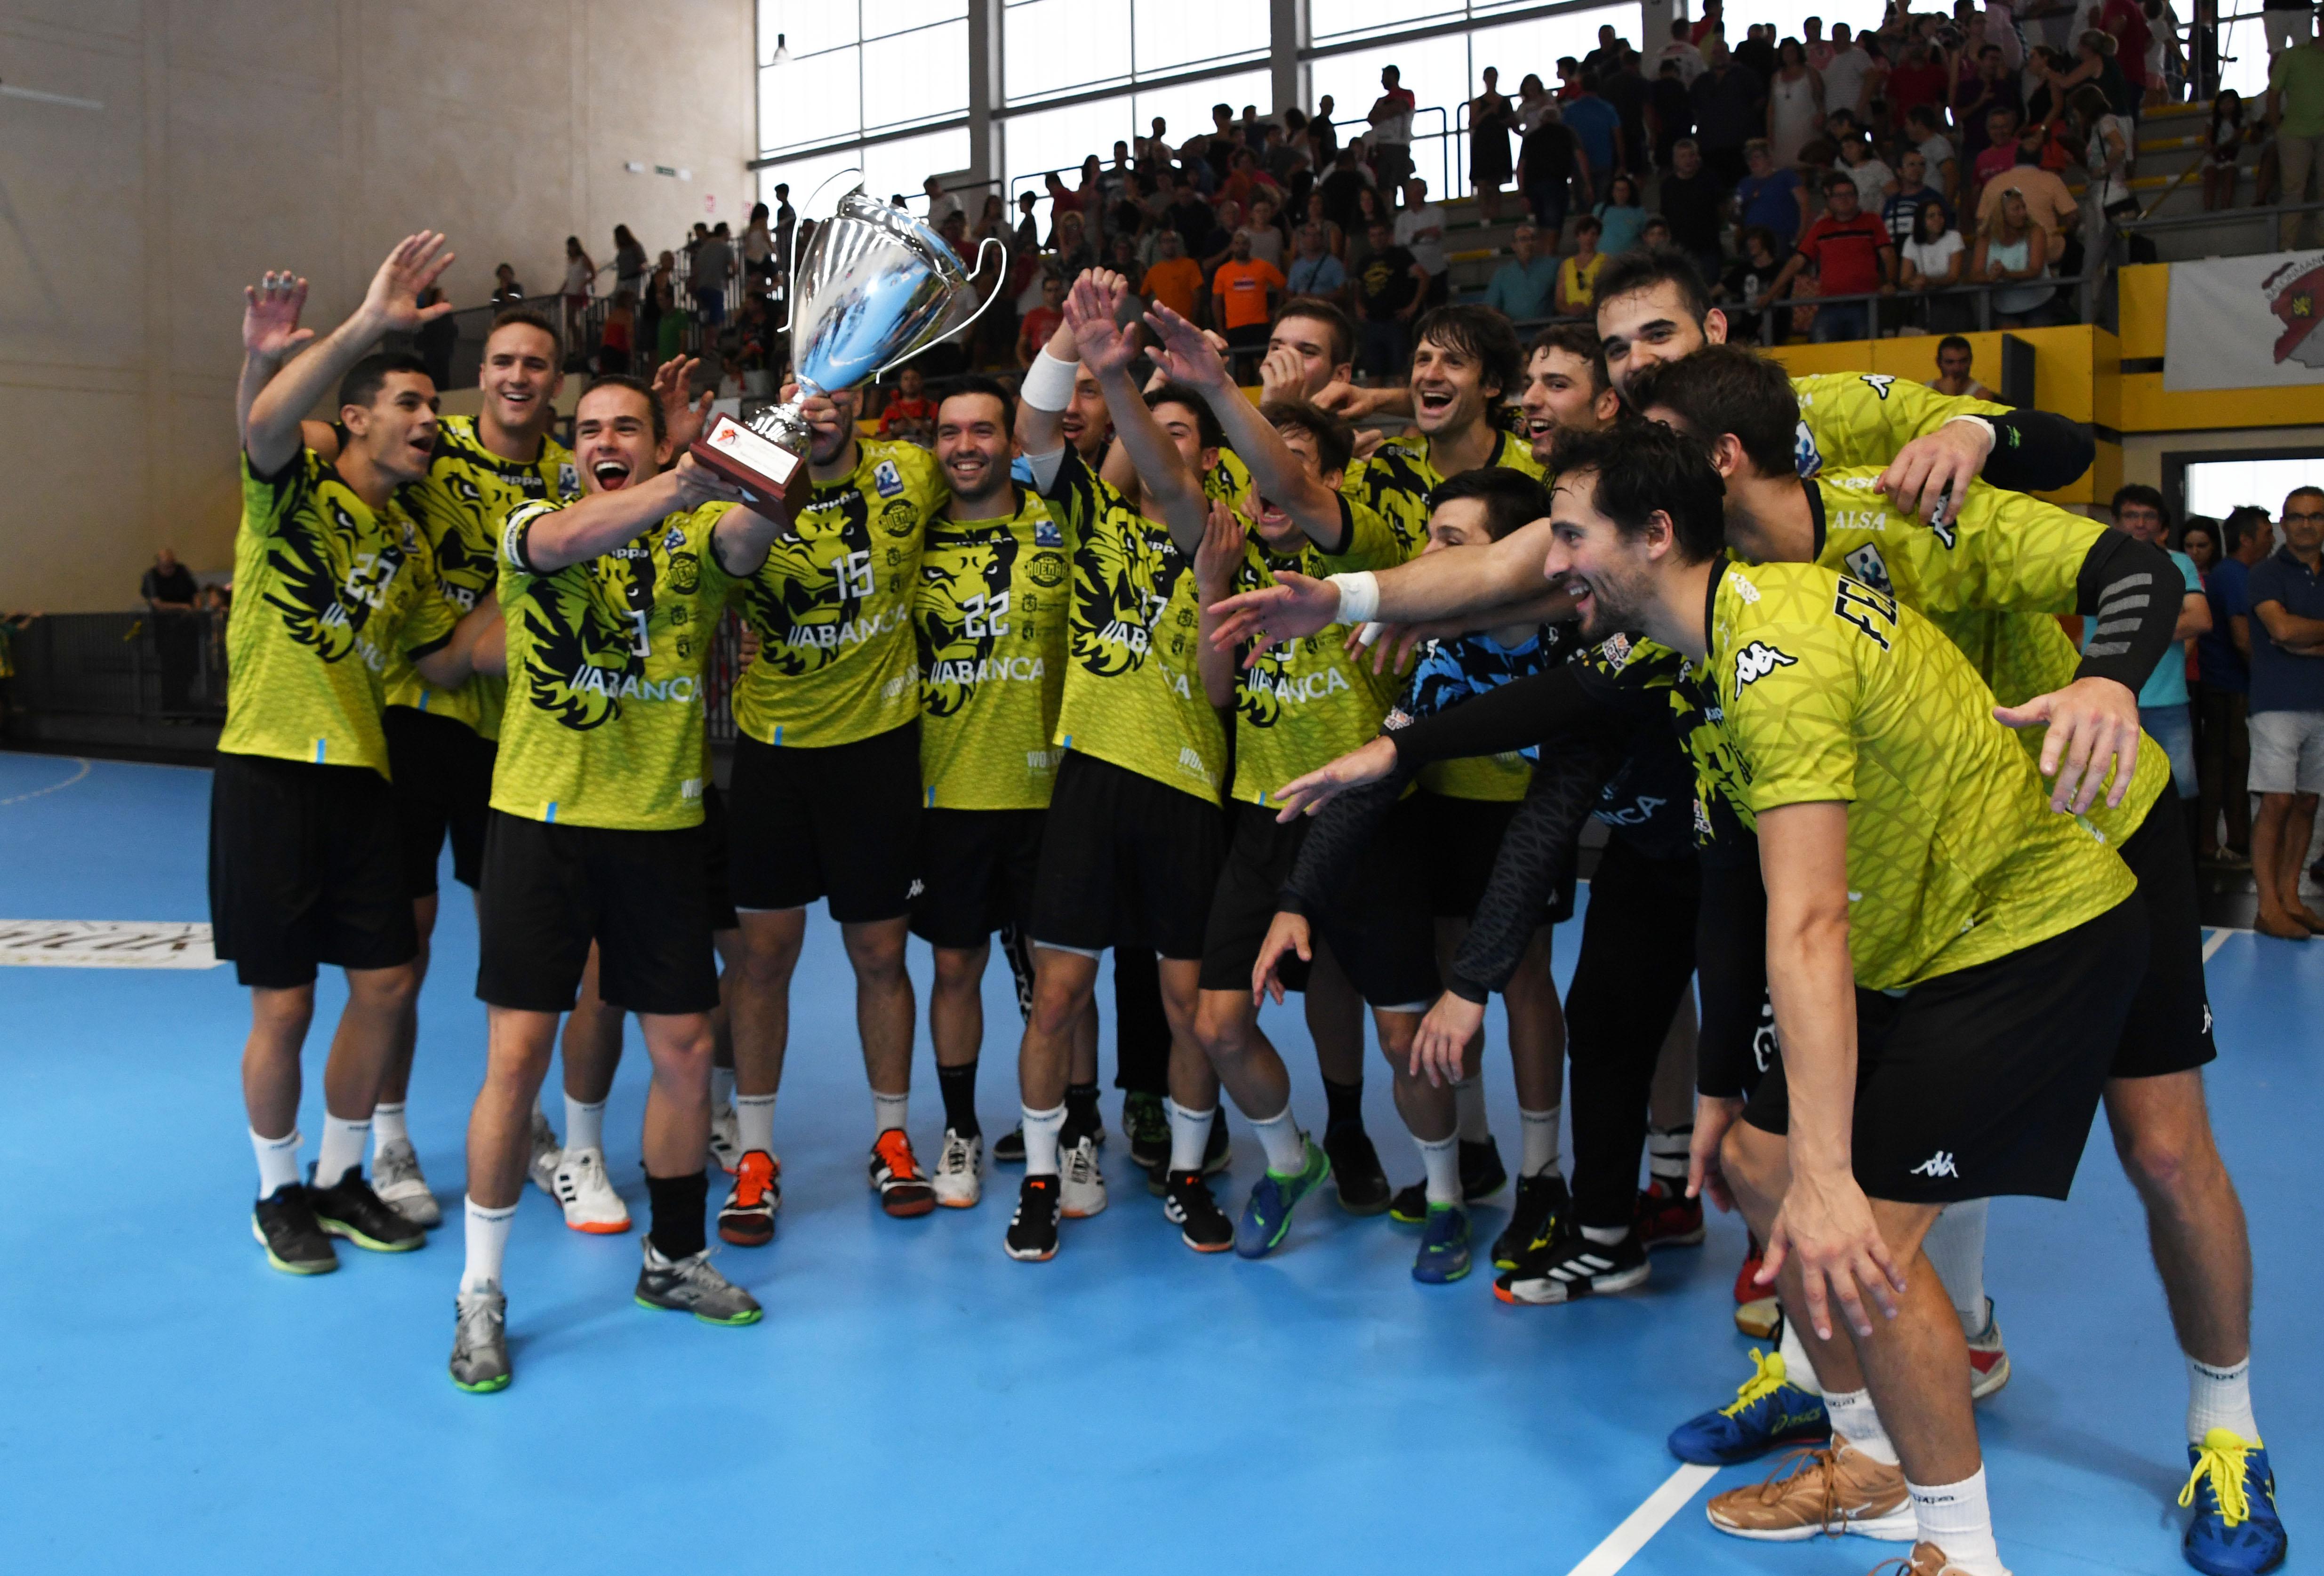 Abanca Ademar León tricampeón de la Copa Castilla y León. Fotos: Daniel Pérez